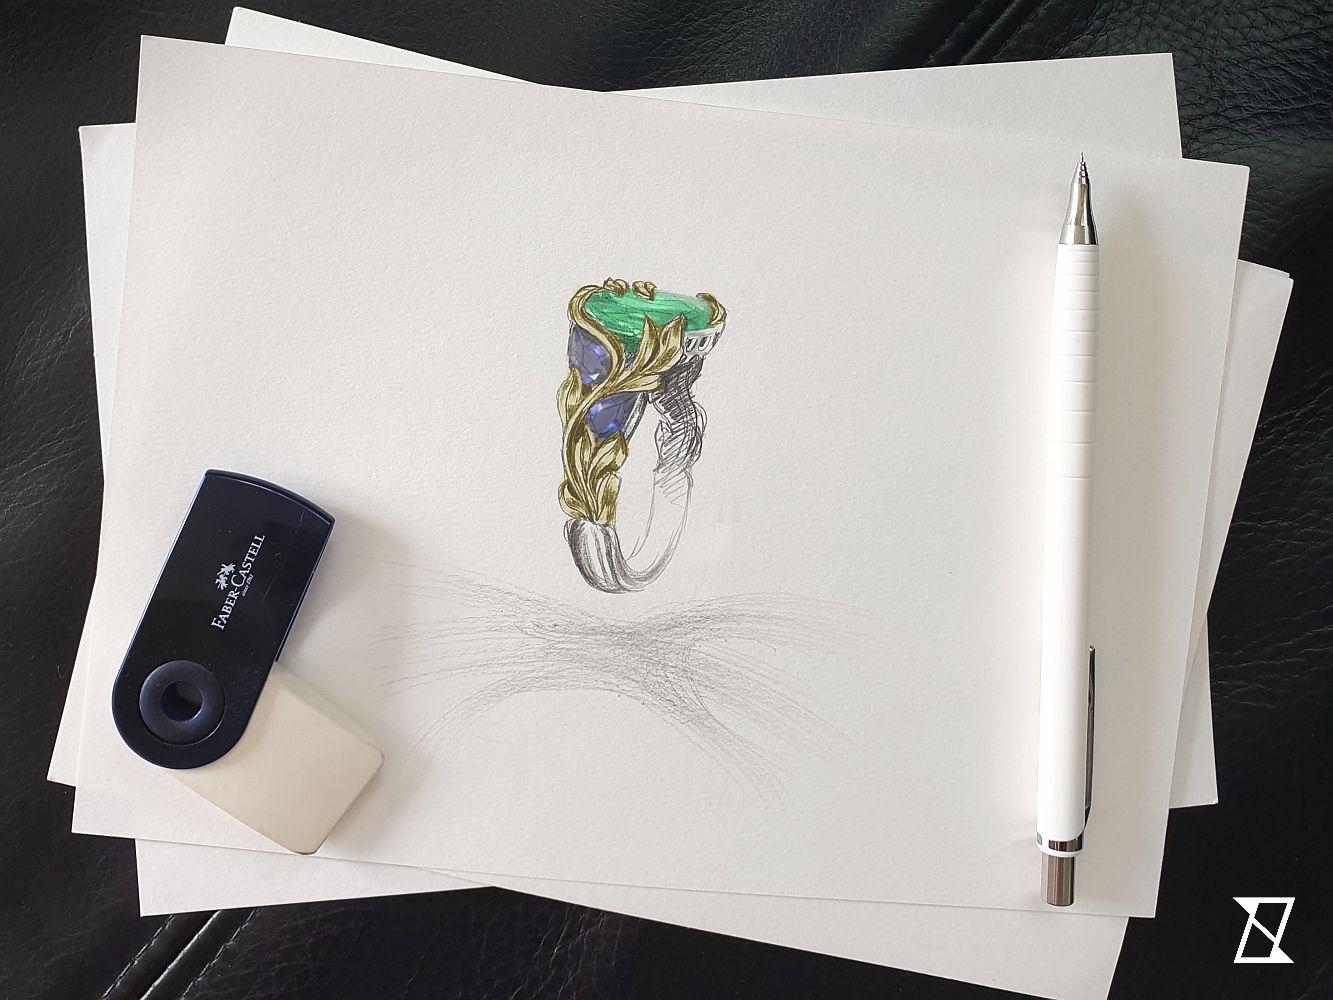 Indywidualny projekt roślinnego pierścionka